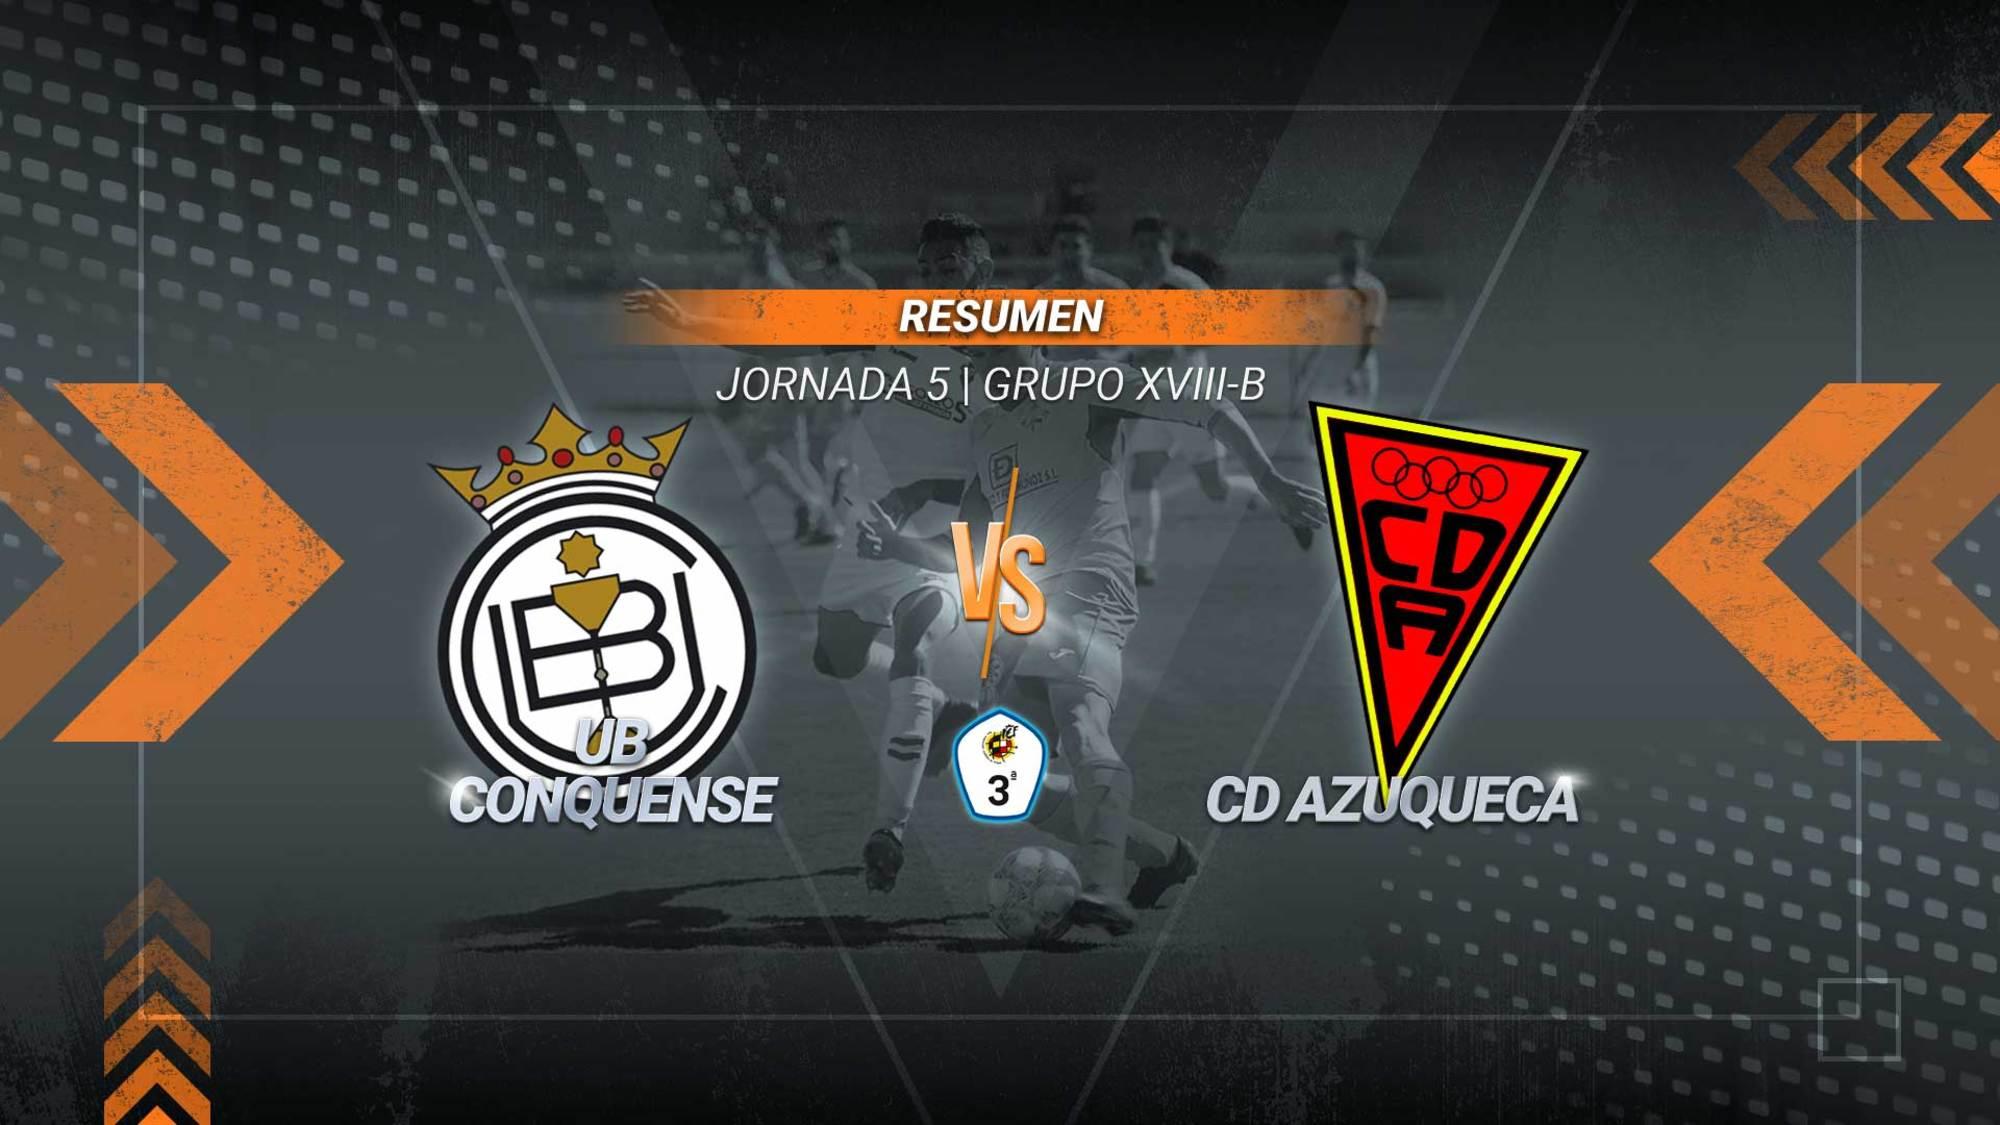 Goleada del Azuqueca en la Fuensanta para sumar su tercera victoria de la temporada. Por su parte, el Conquense alarga su mal momento con esta tercera derrota consecutiva.